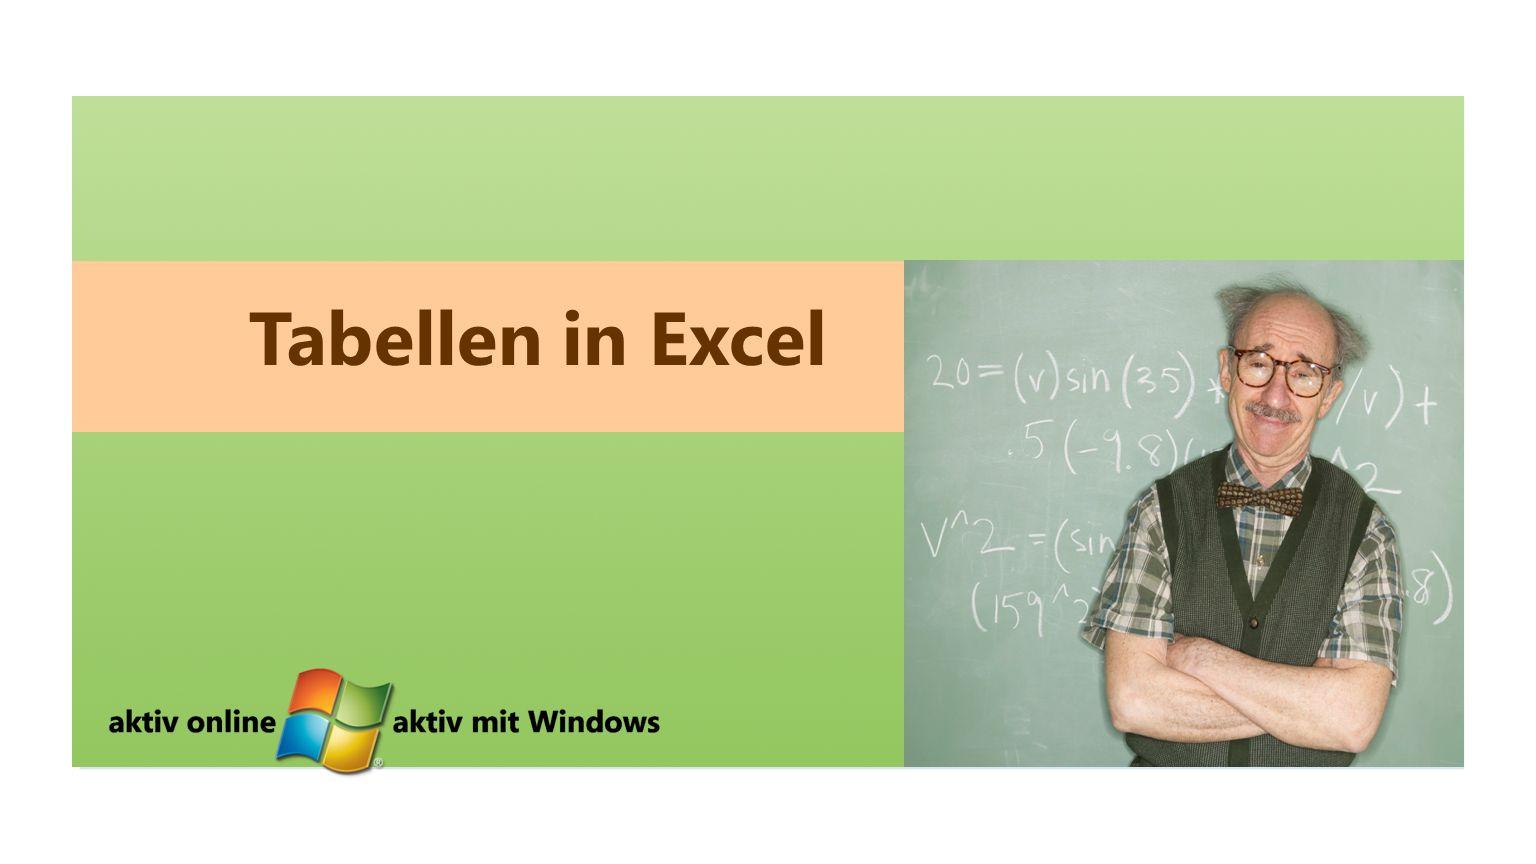 Tabellen in Excel